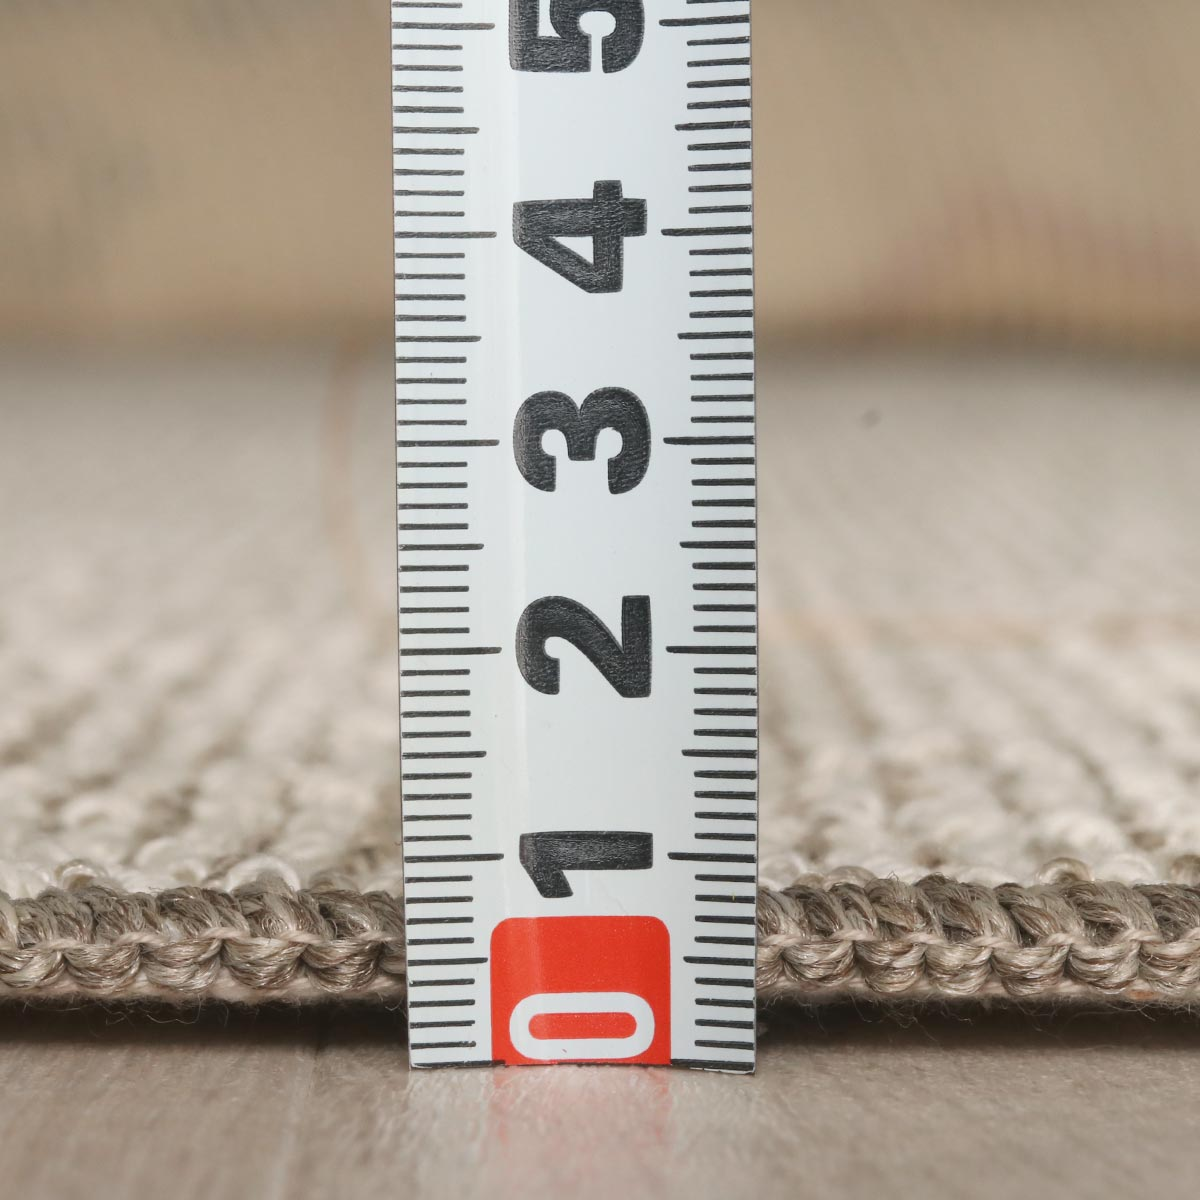 全厚約7mmの程よい薄さ。床暖対応でオールシーズン使えます。